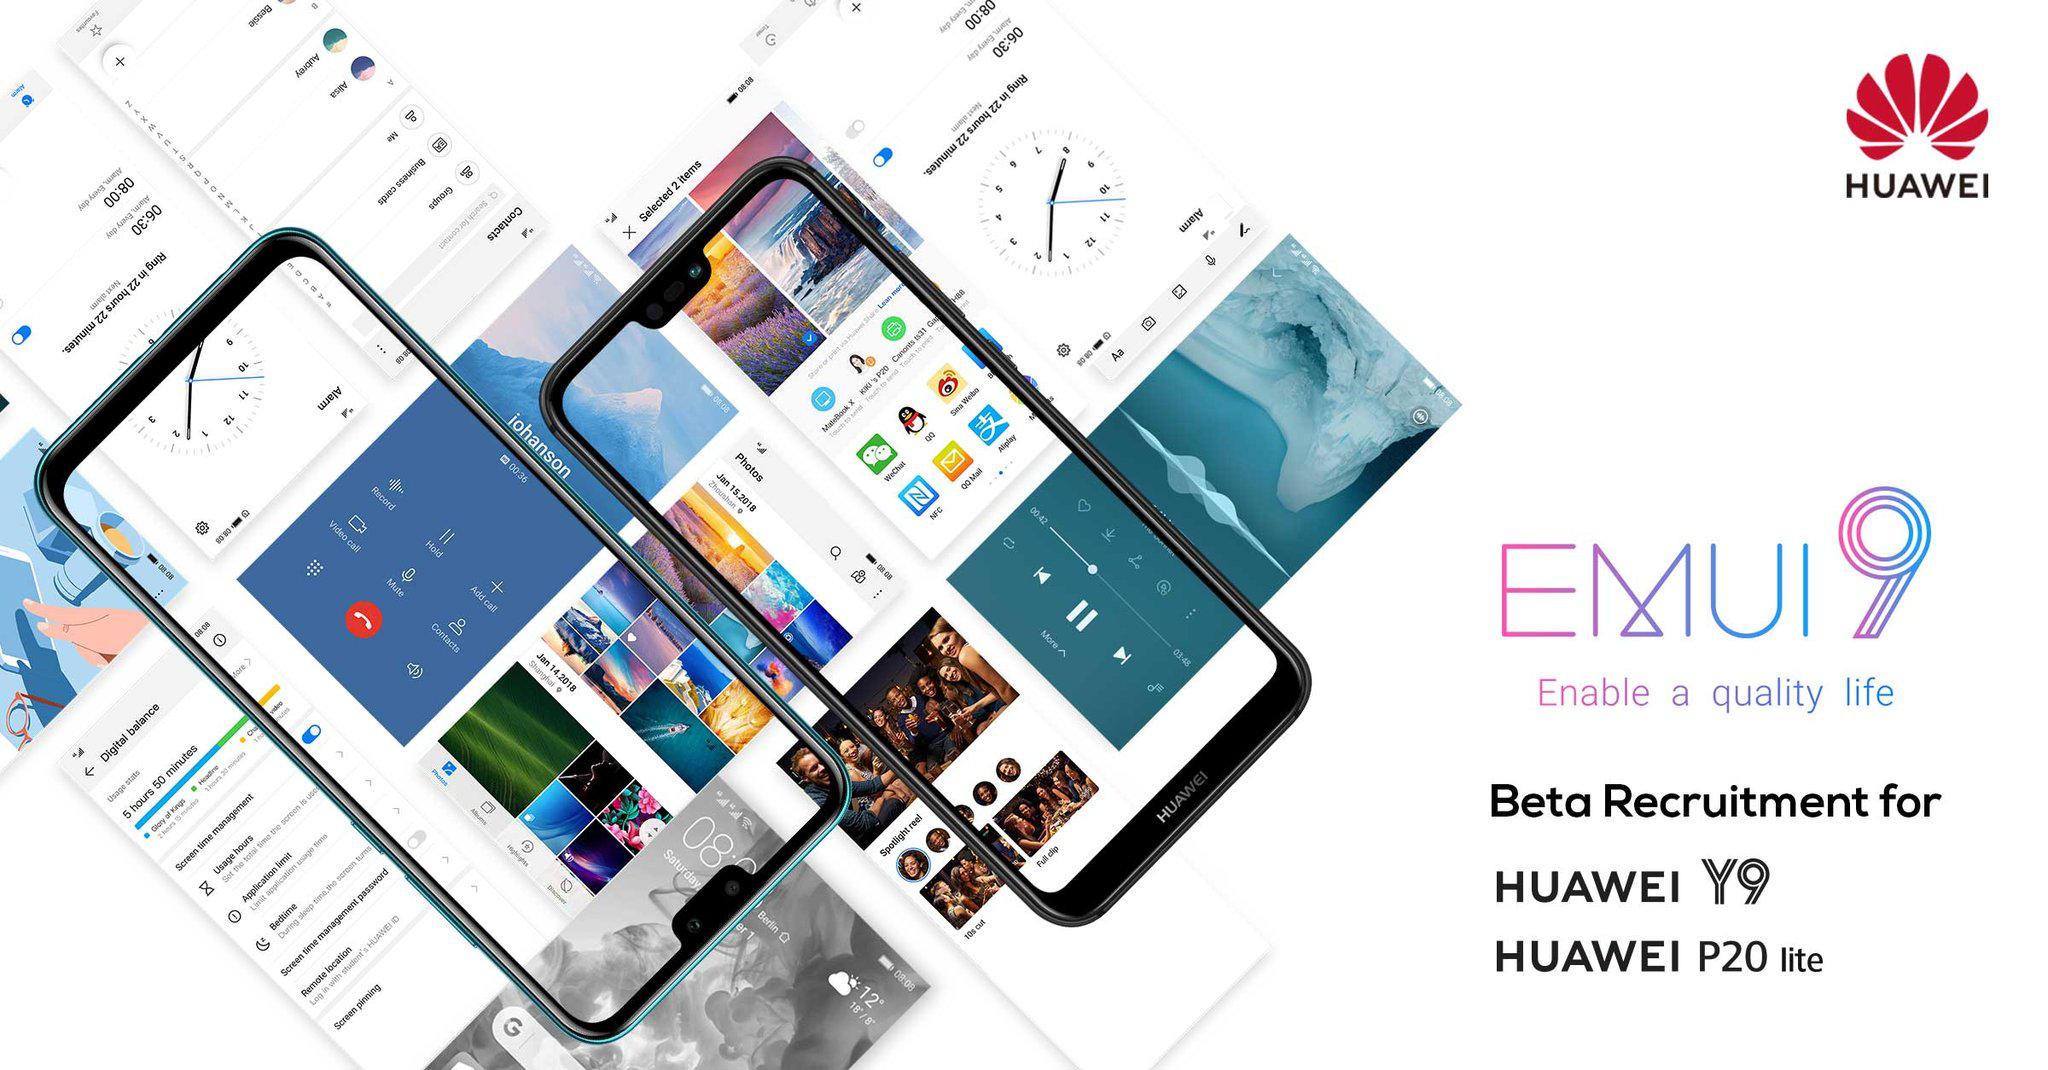 Huawei P20 Lite Y9 kiedy aktualizacja Android Pie z EMUI 9.0 beta